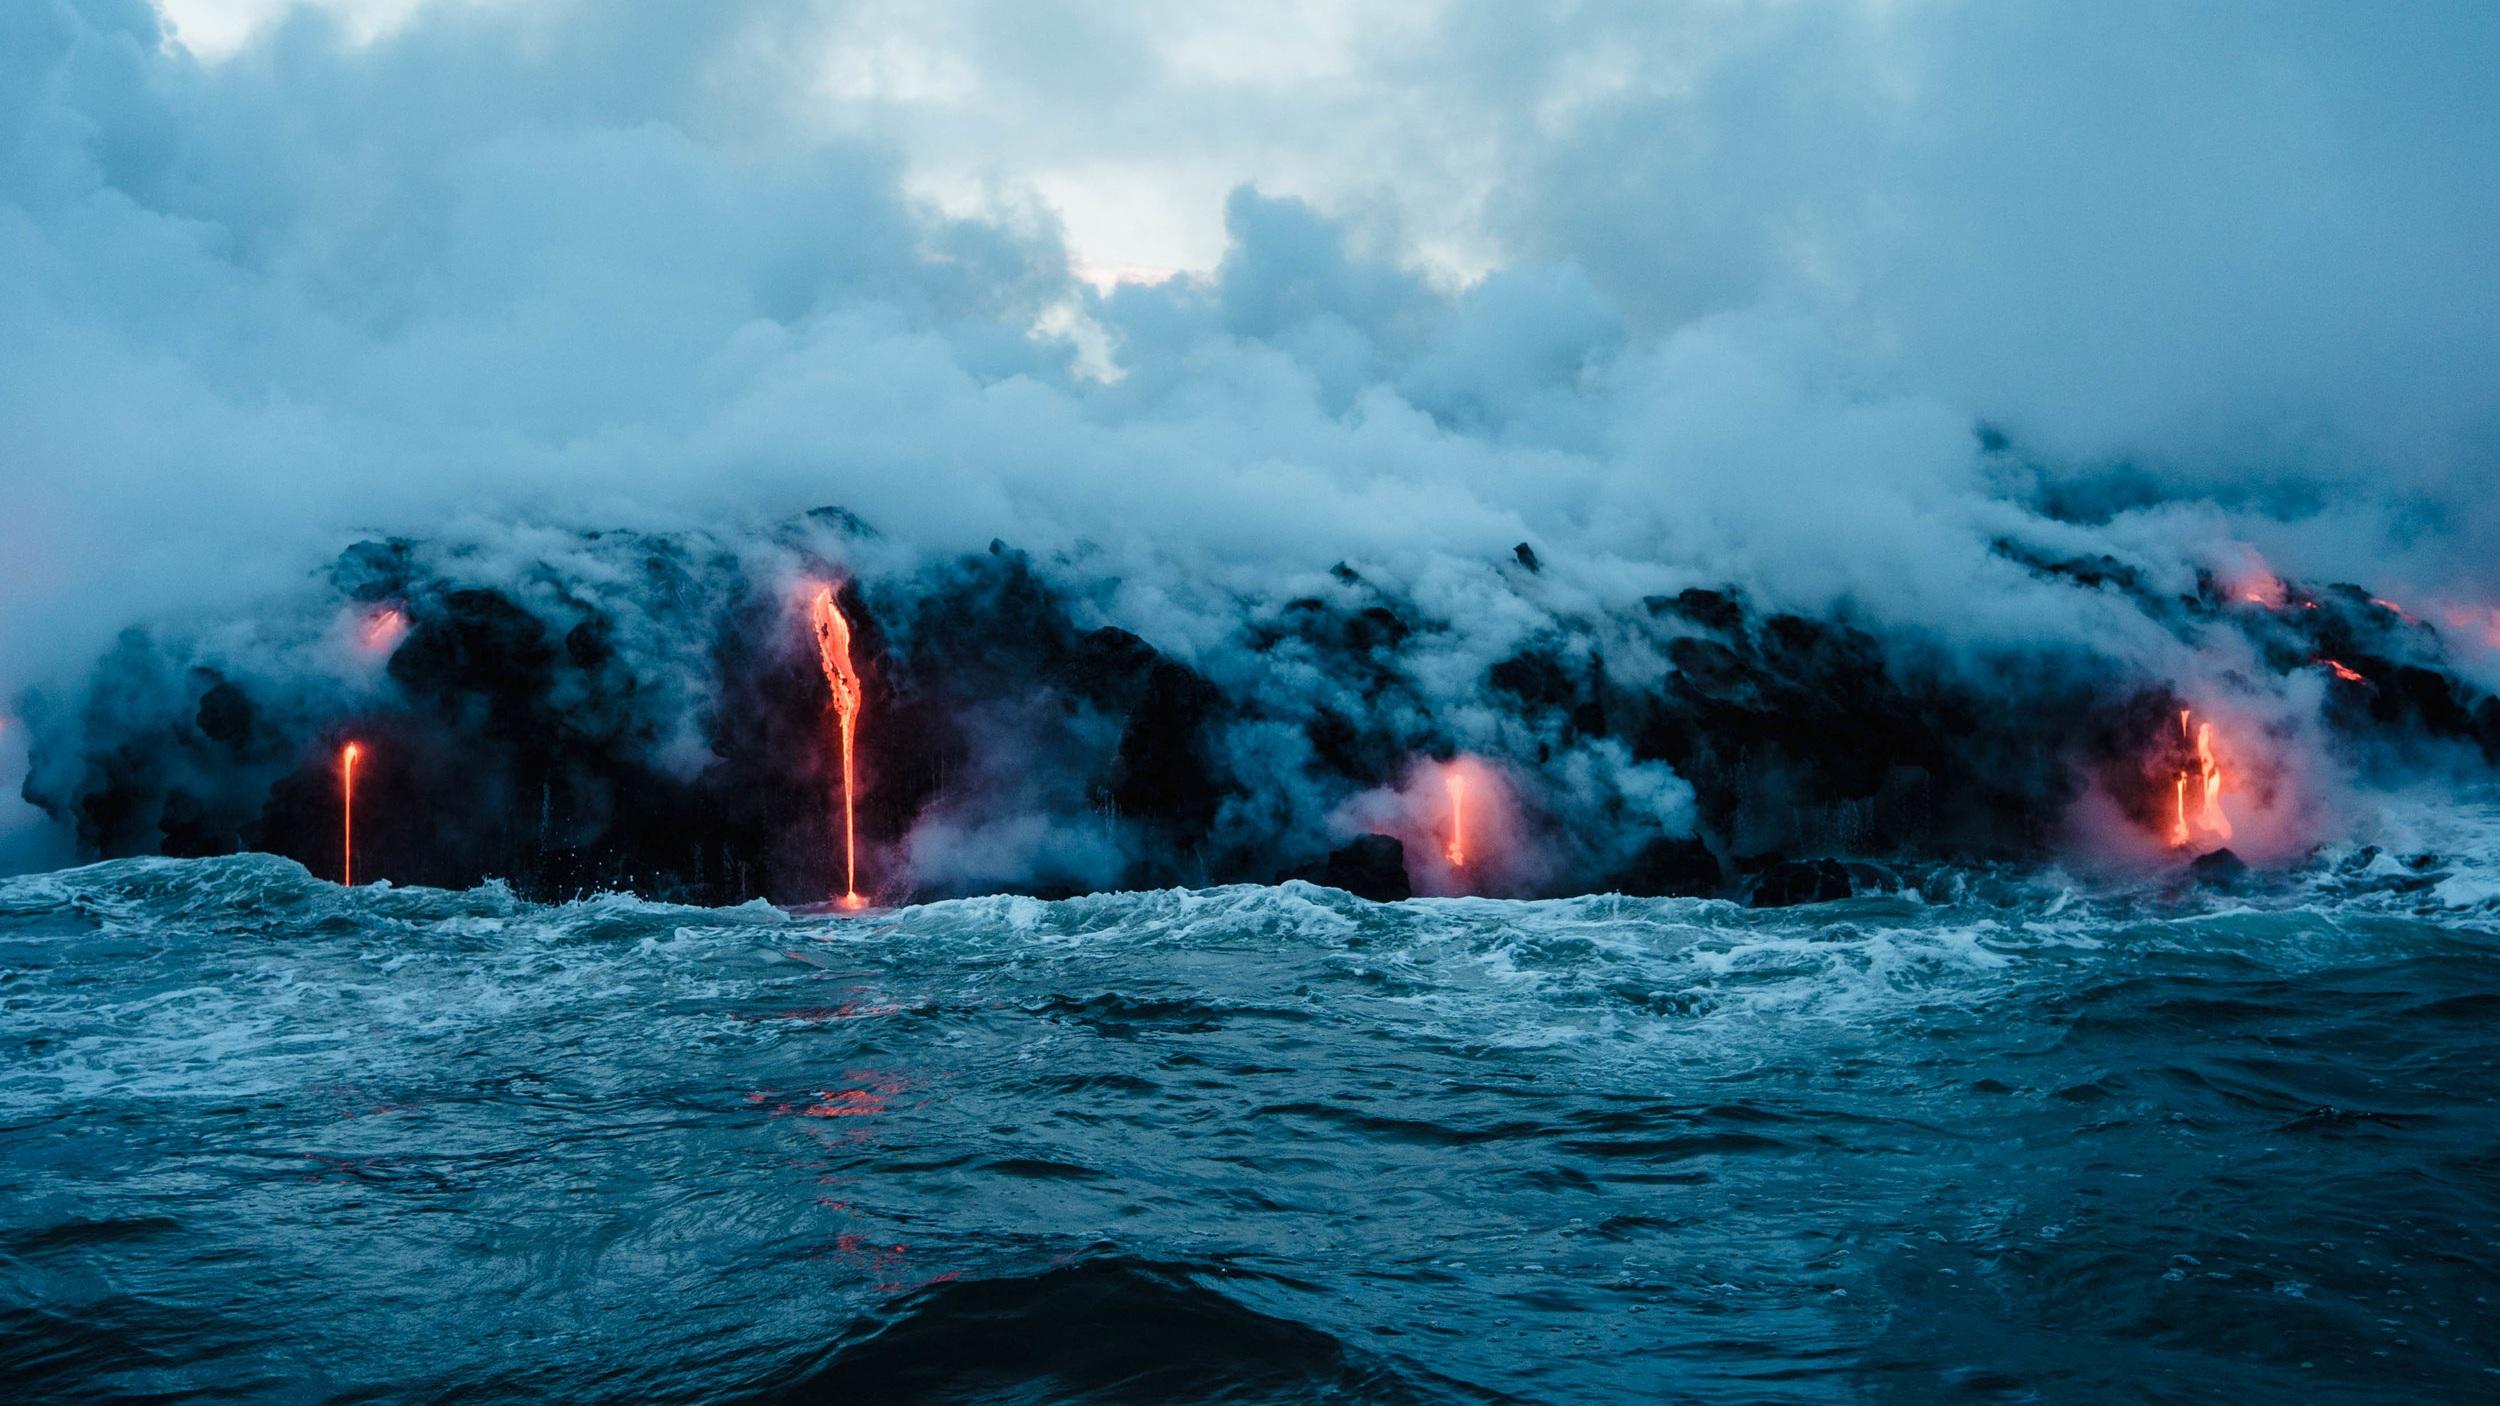 Diamond Head - Ett av Hawaiis kändaste landmärke är den enorma kratern Diamond Head som ligger på ön Oahu utanför Waikiki. Platsen är ett världsarv och lockar massor av turister. Platsen är också känd för vandrare och för den som tar sig upp väntar en helt sagolik utsikt över Stilla Havet.